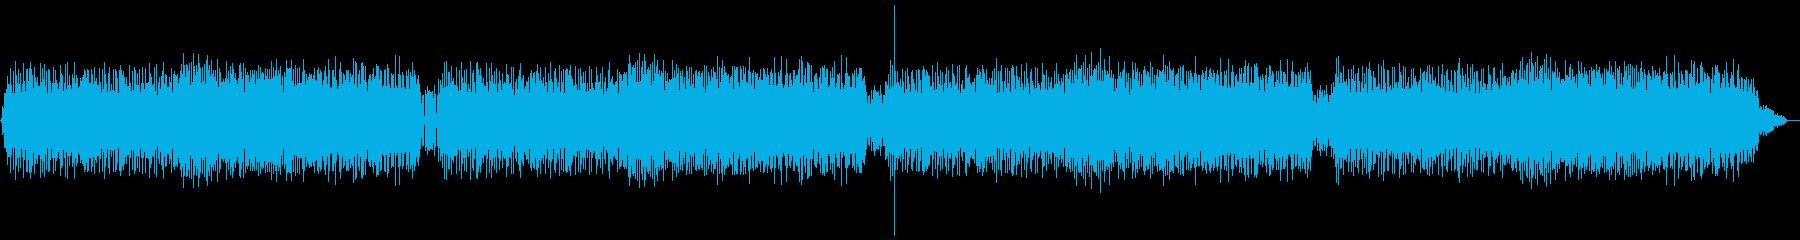 コミカルで真剣なポップミュージックの再生済みの波形